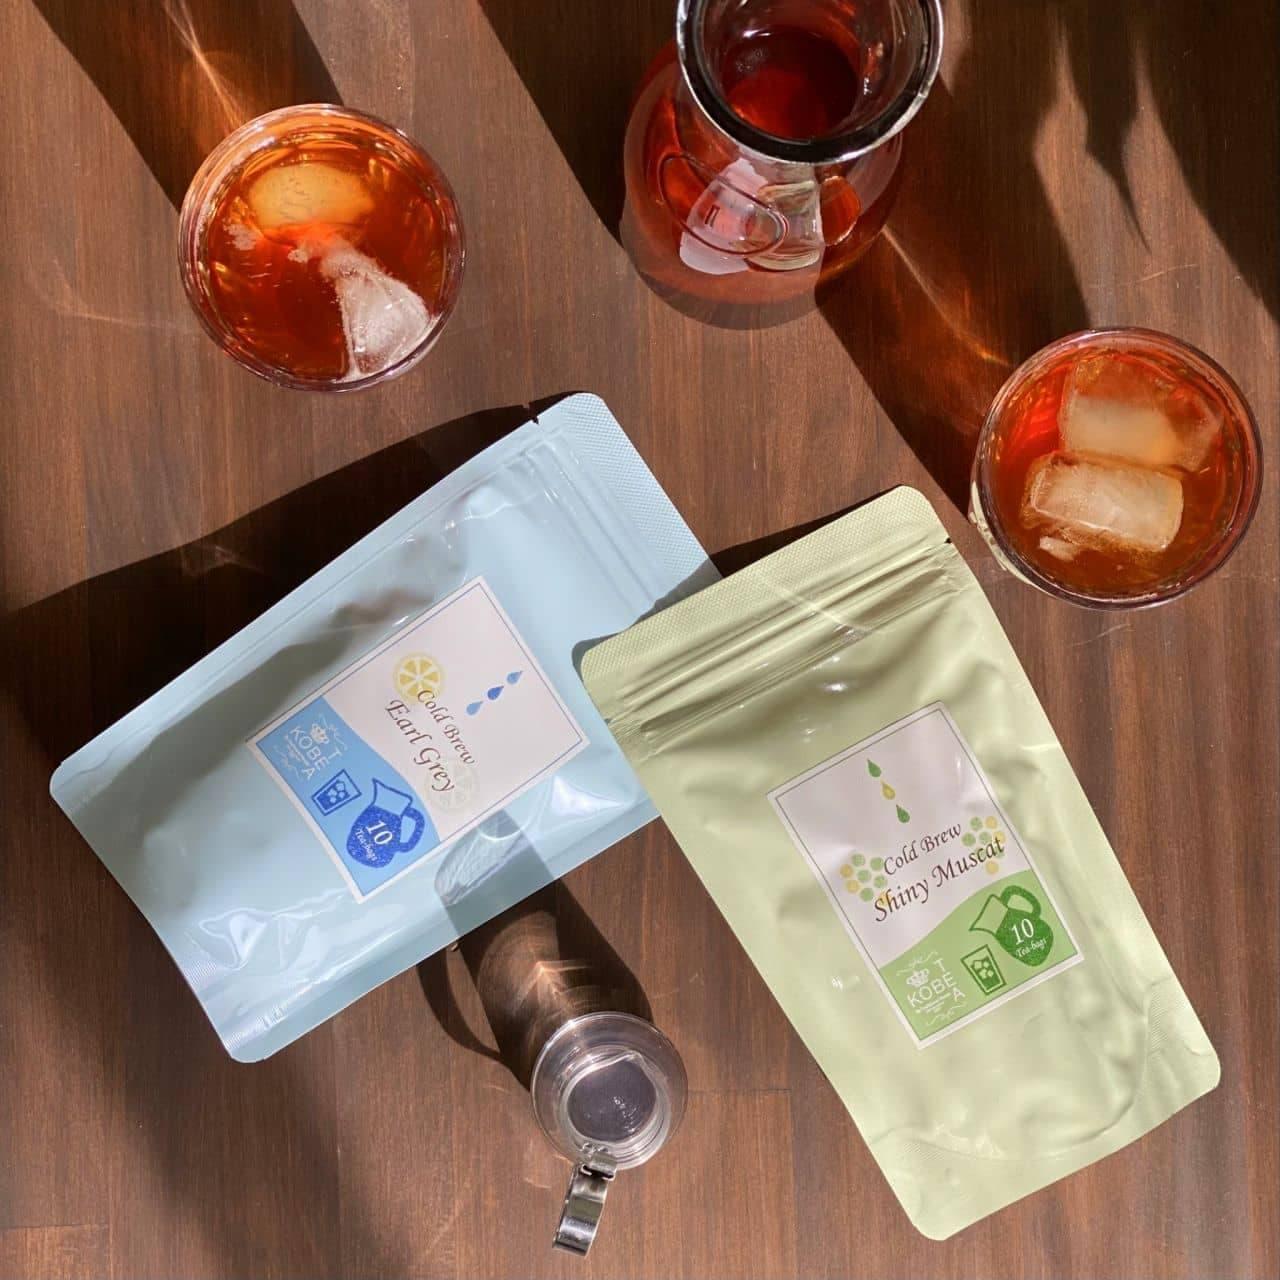 神戸紅茶 コールドブリューティー「アールグレイ」「シャイニーマスカット」